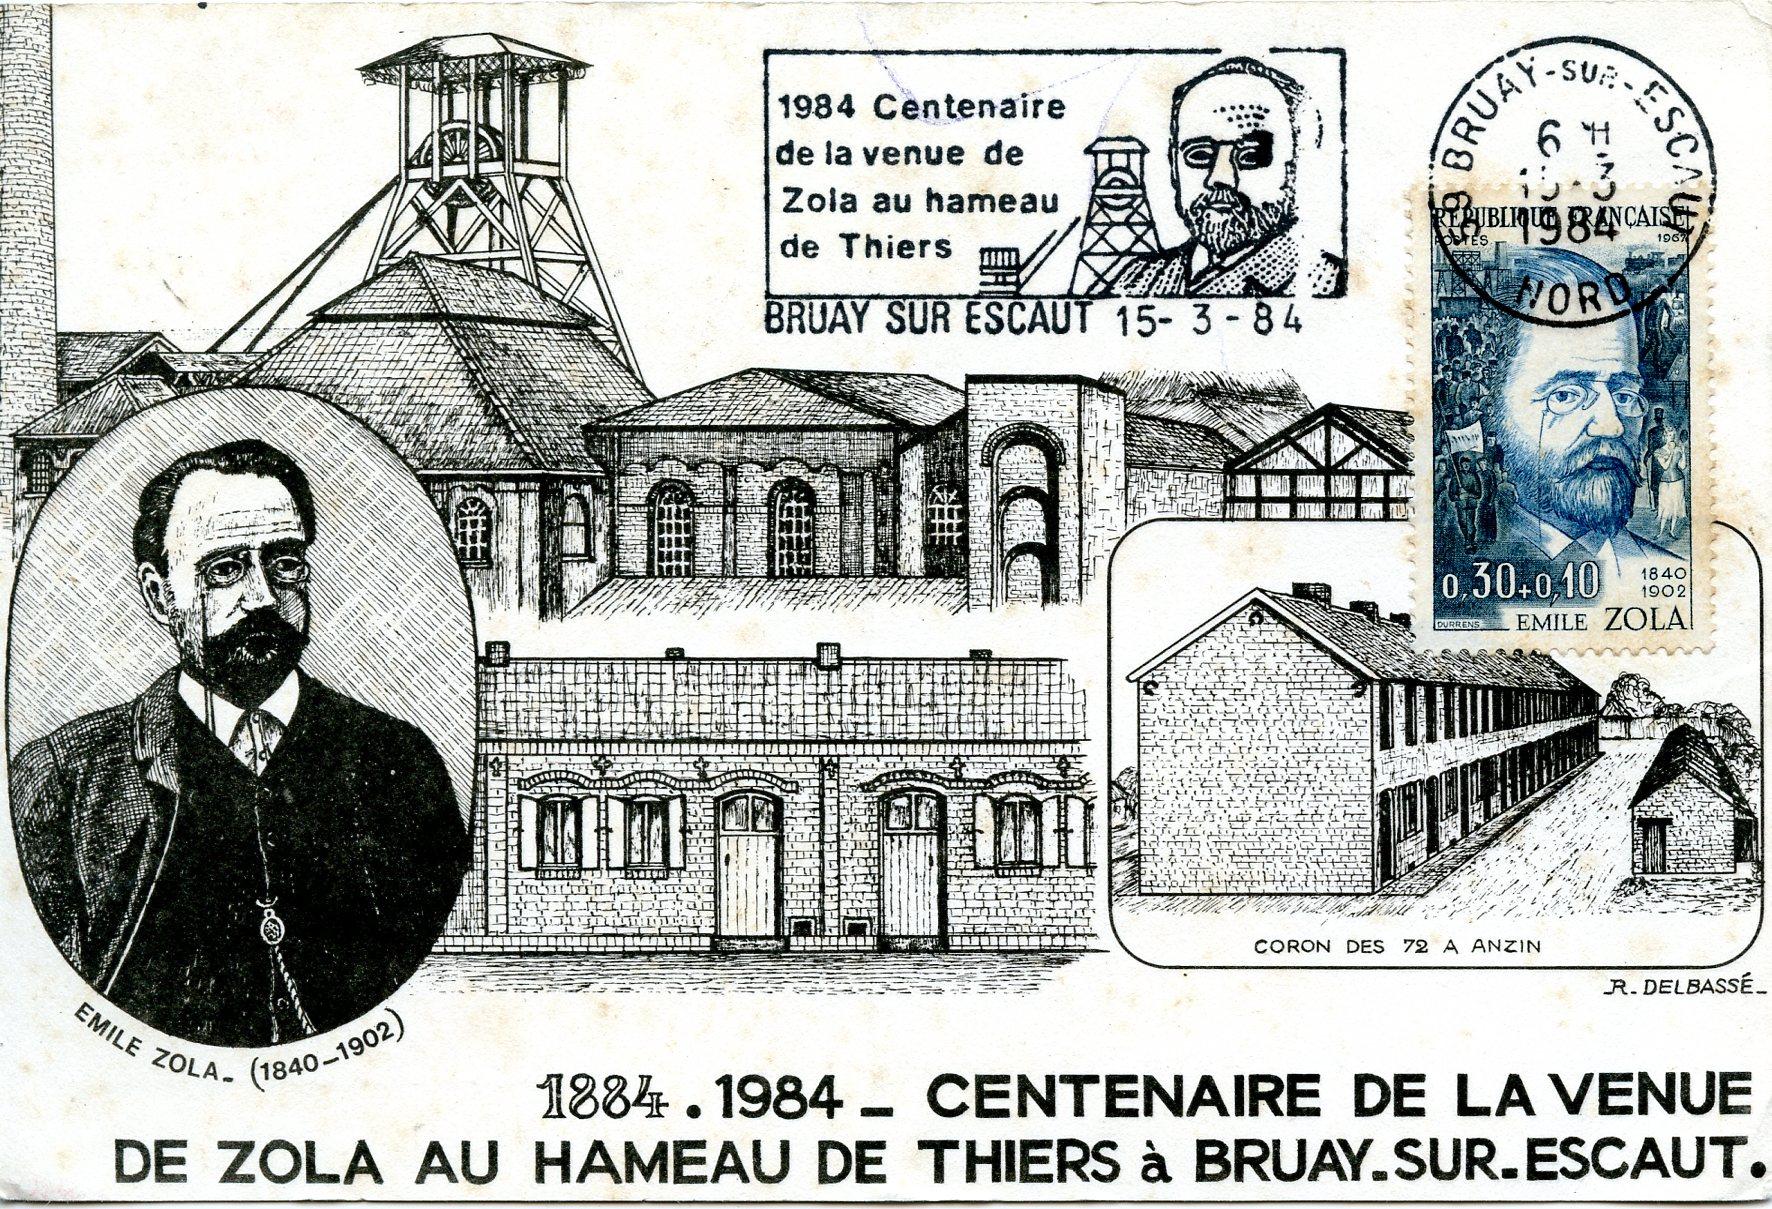 Image - Centenaire de la venue de Zola au hameau de Thiers, à Bruay-sur-Escaut